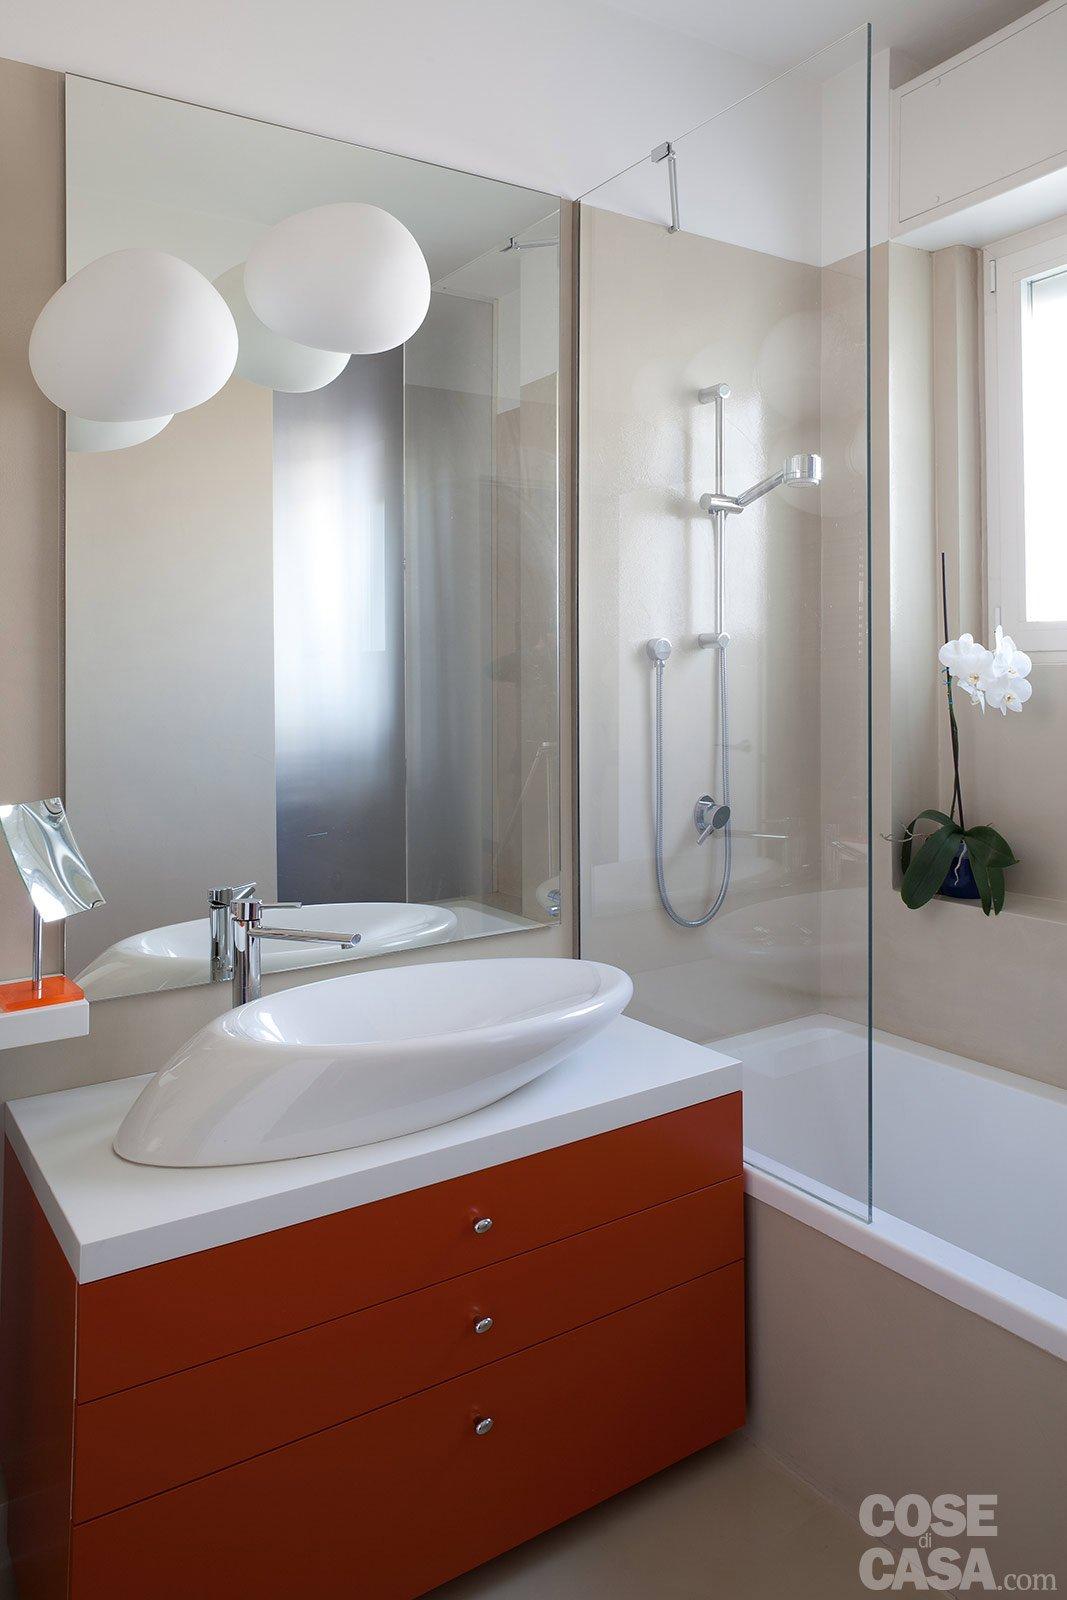 Casabook immobiliare marzo 2014 - Bagno di casa ...